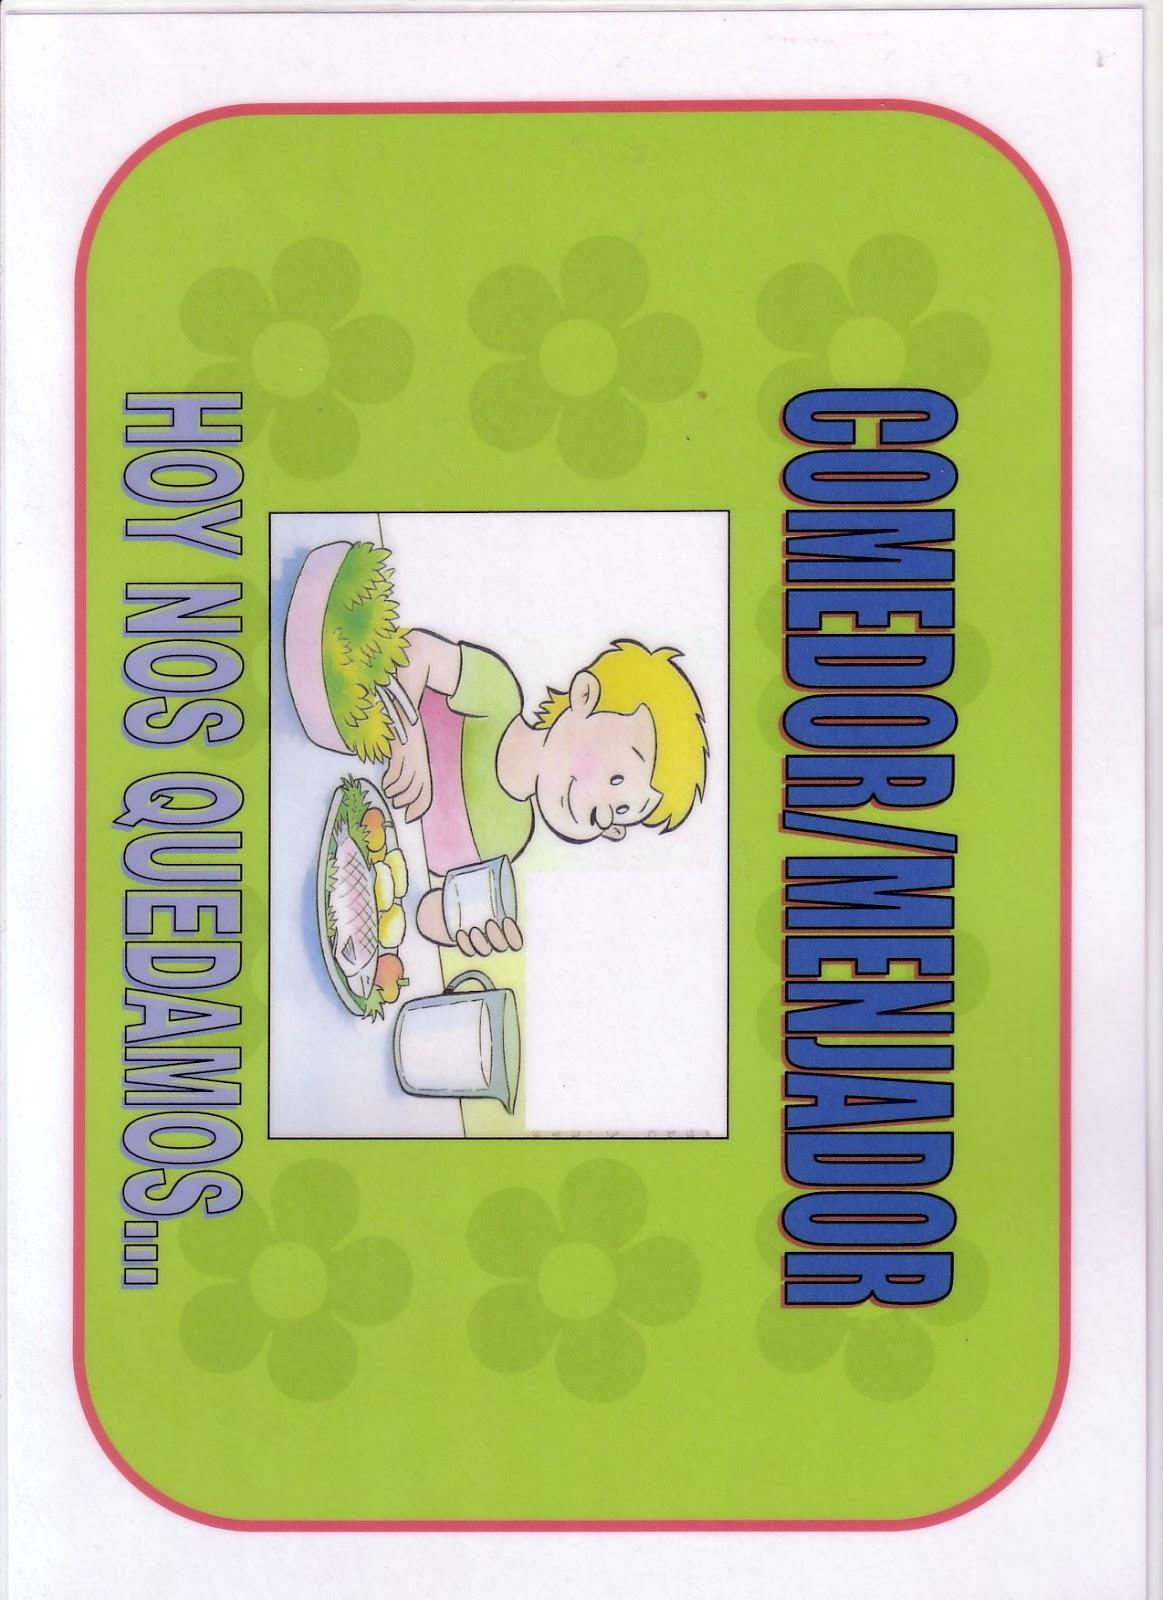 El mundo de la educaci n infantil carteles comedor for Cartel comedor infantil